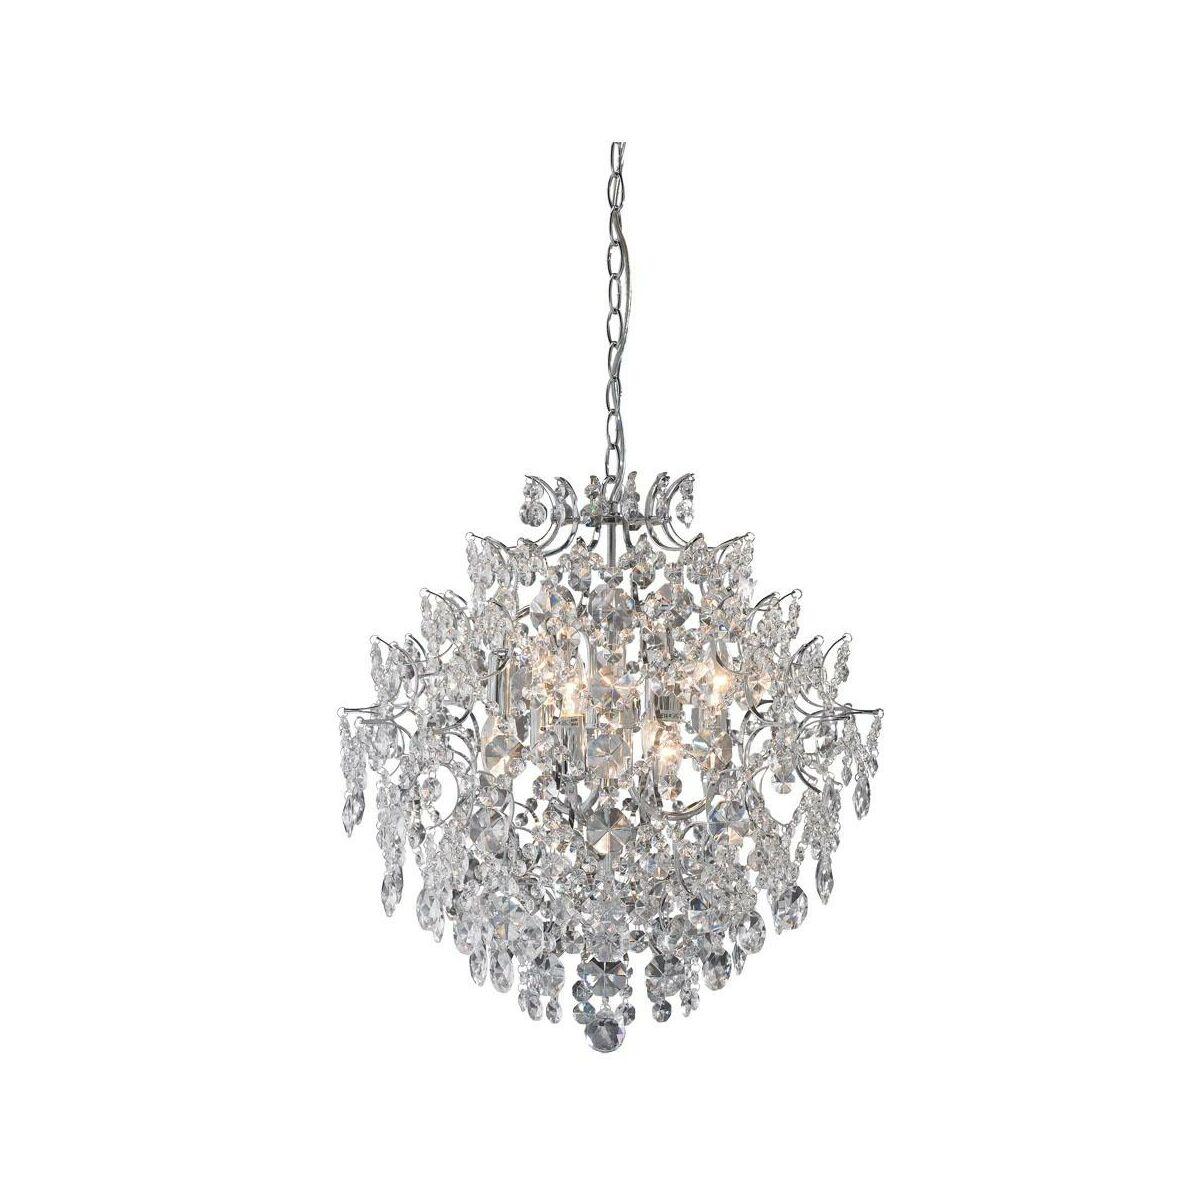 Zyrandol Rosendal Chrom E14 Markslojd Zyrandole Lampy Wiszace I Sufitowe W Atrakcyjnej Cenie W Sklepach Leroy Merlin